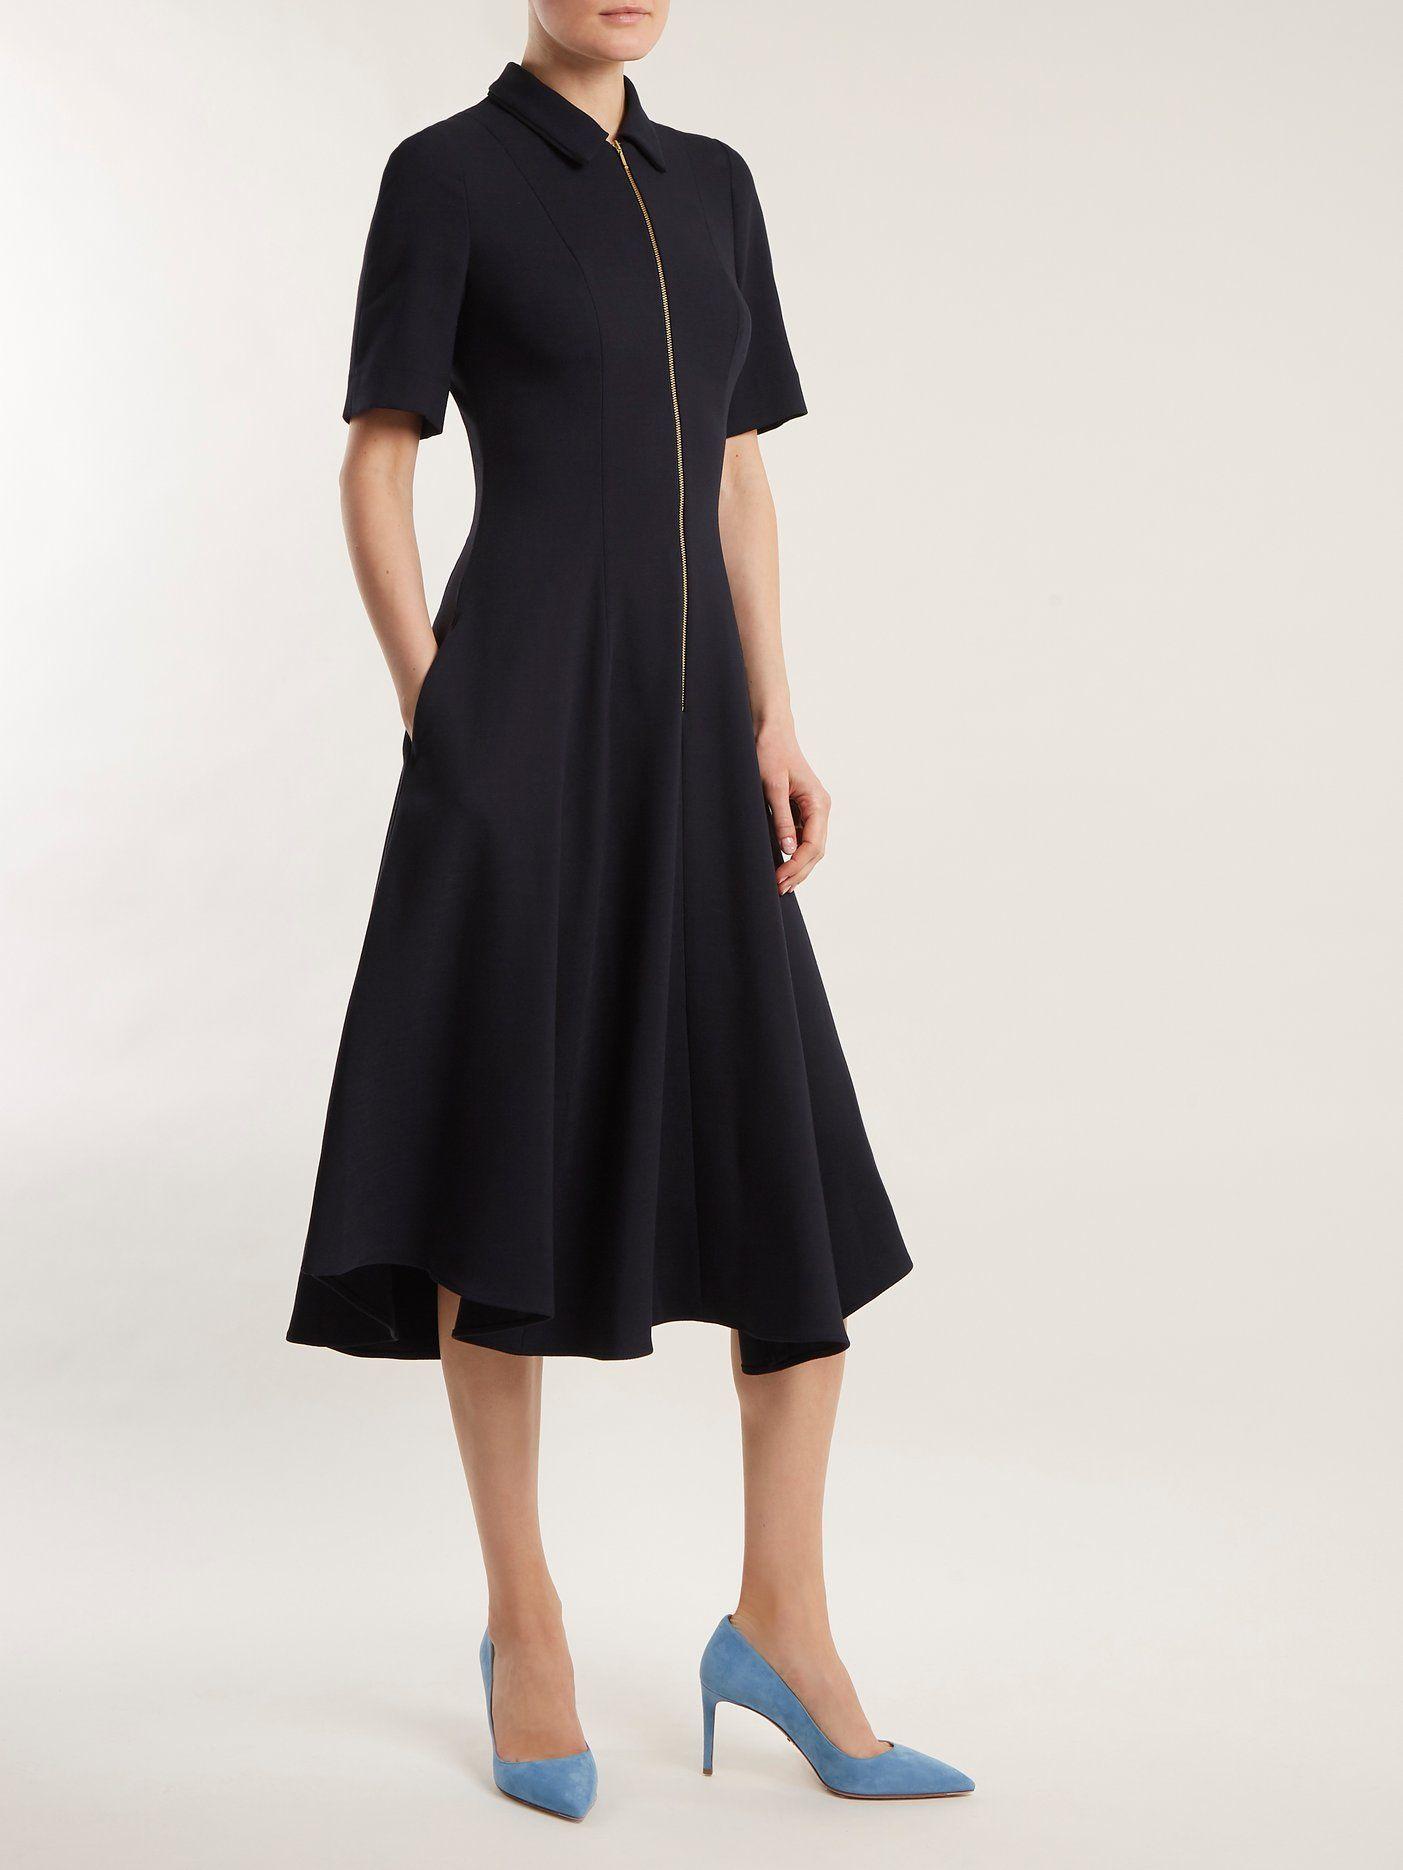 e048f9d0248f68 Point-collar zip-up jersey dress | Cefinn | MATCHESFASHION.COM US ...